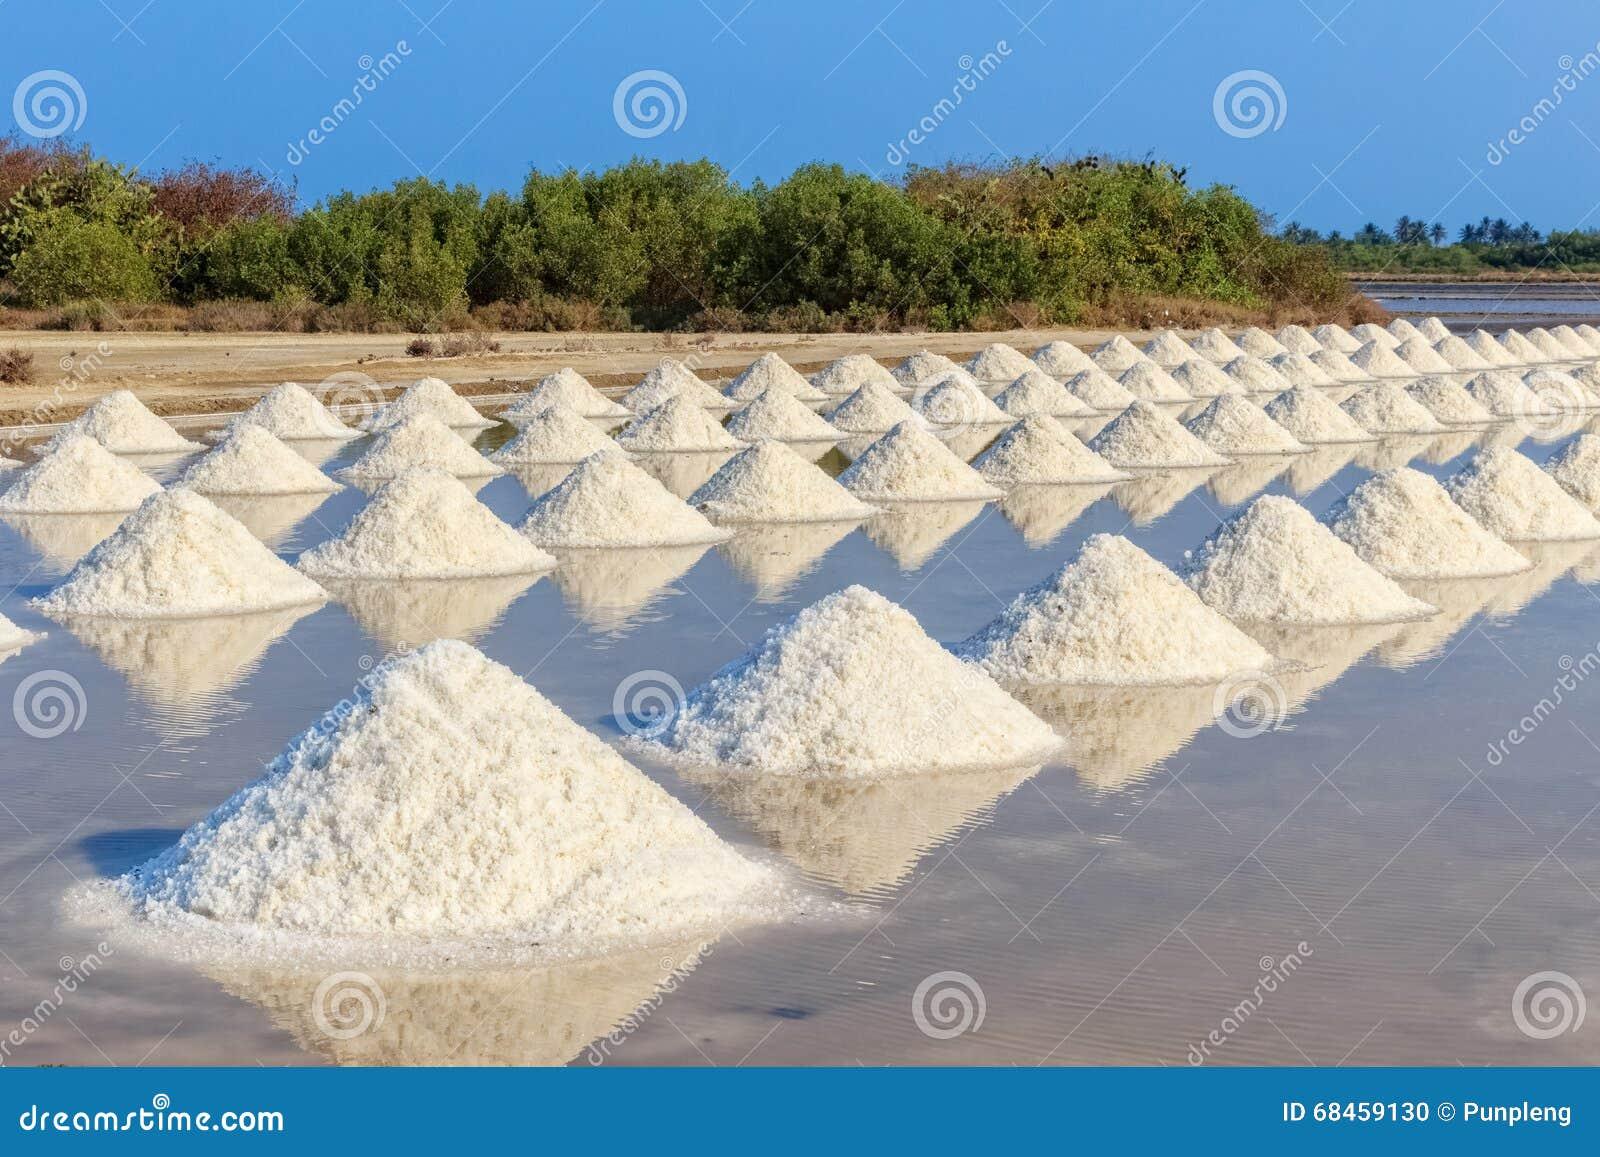 盐哺-m�f��dy.�9�b�-)�/i_盐堆在盐农场,泰国.